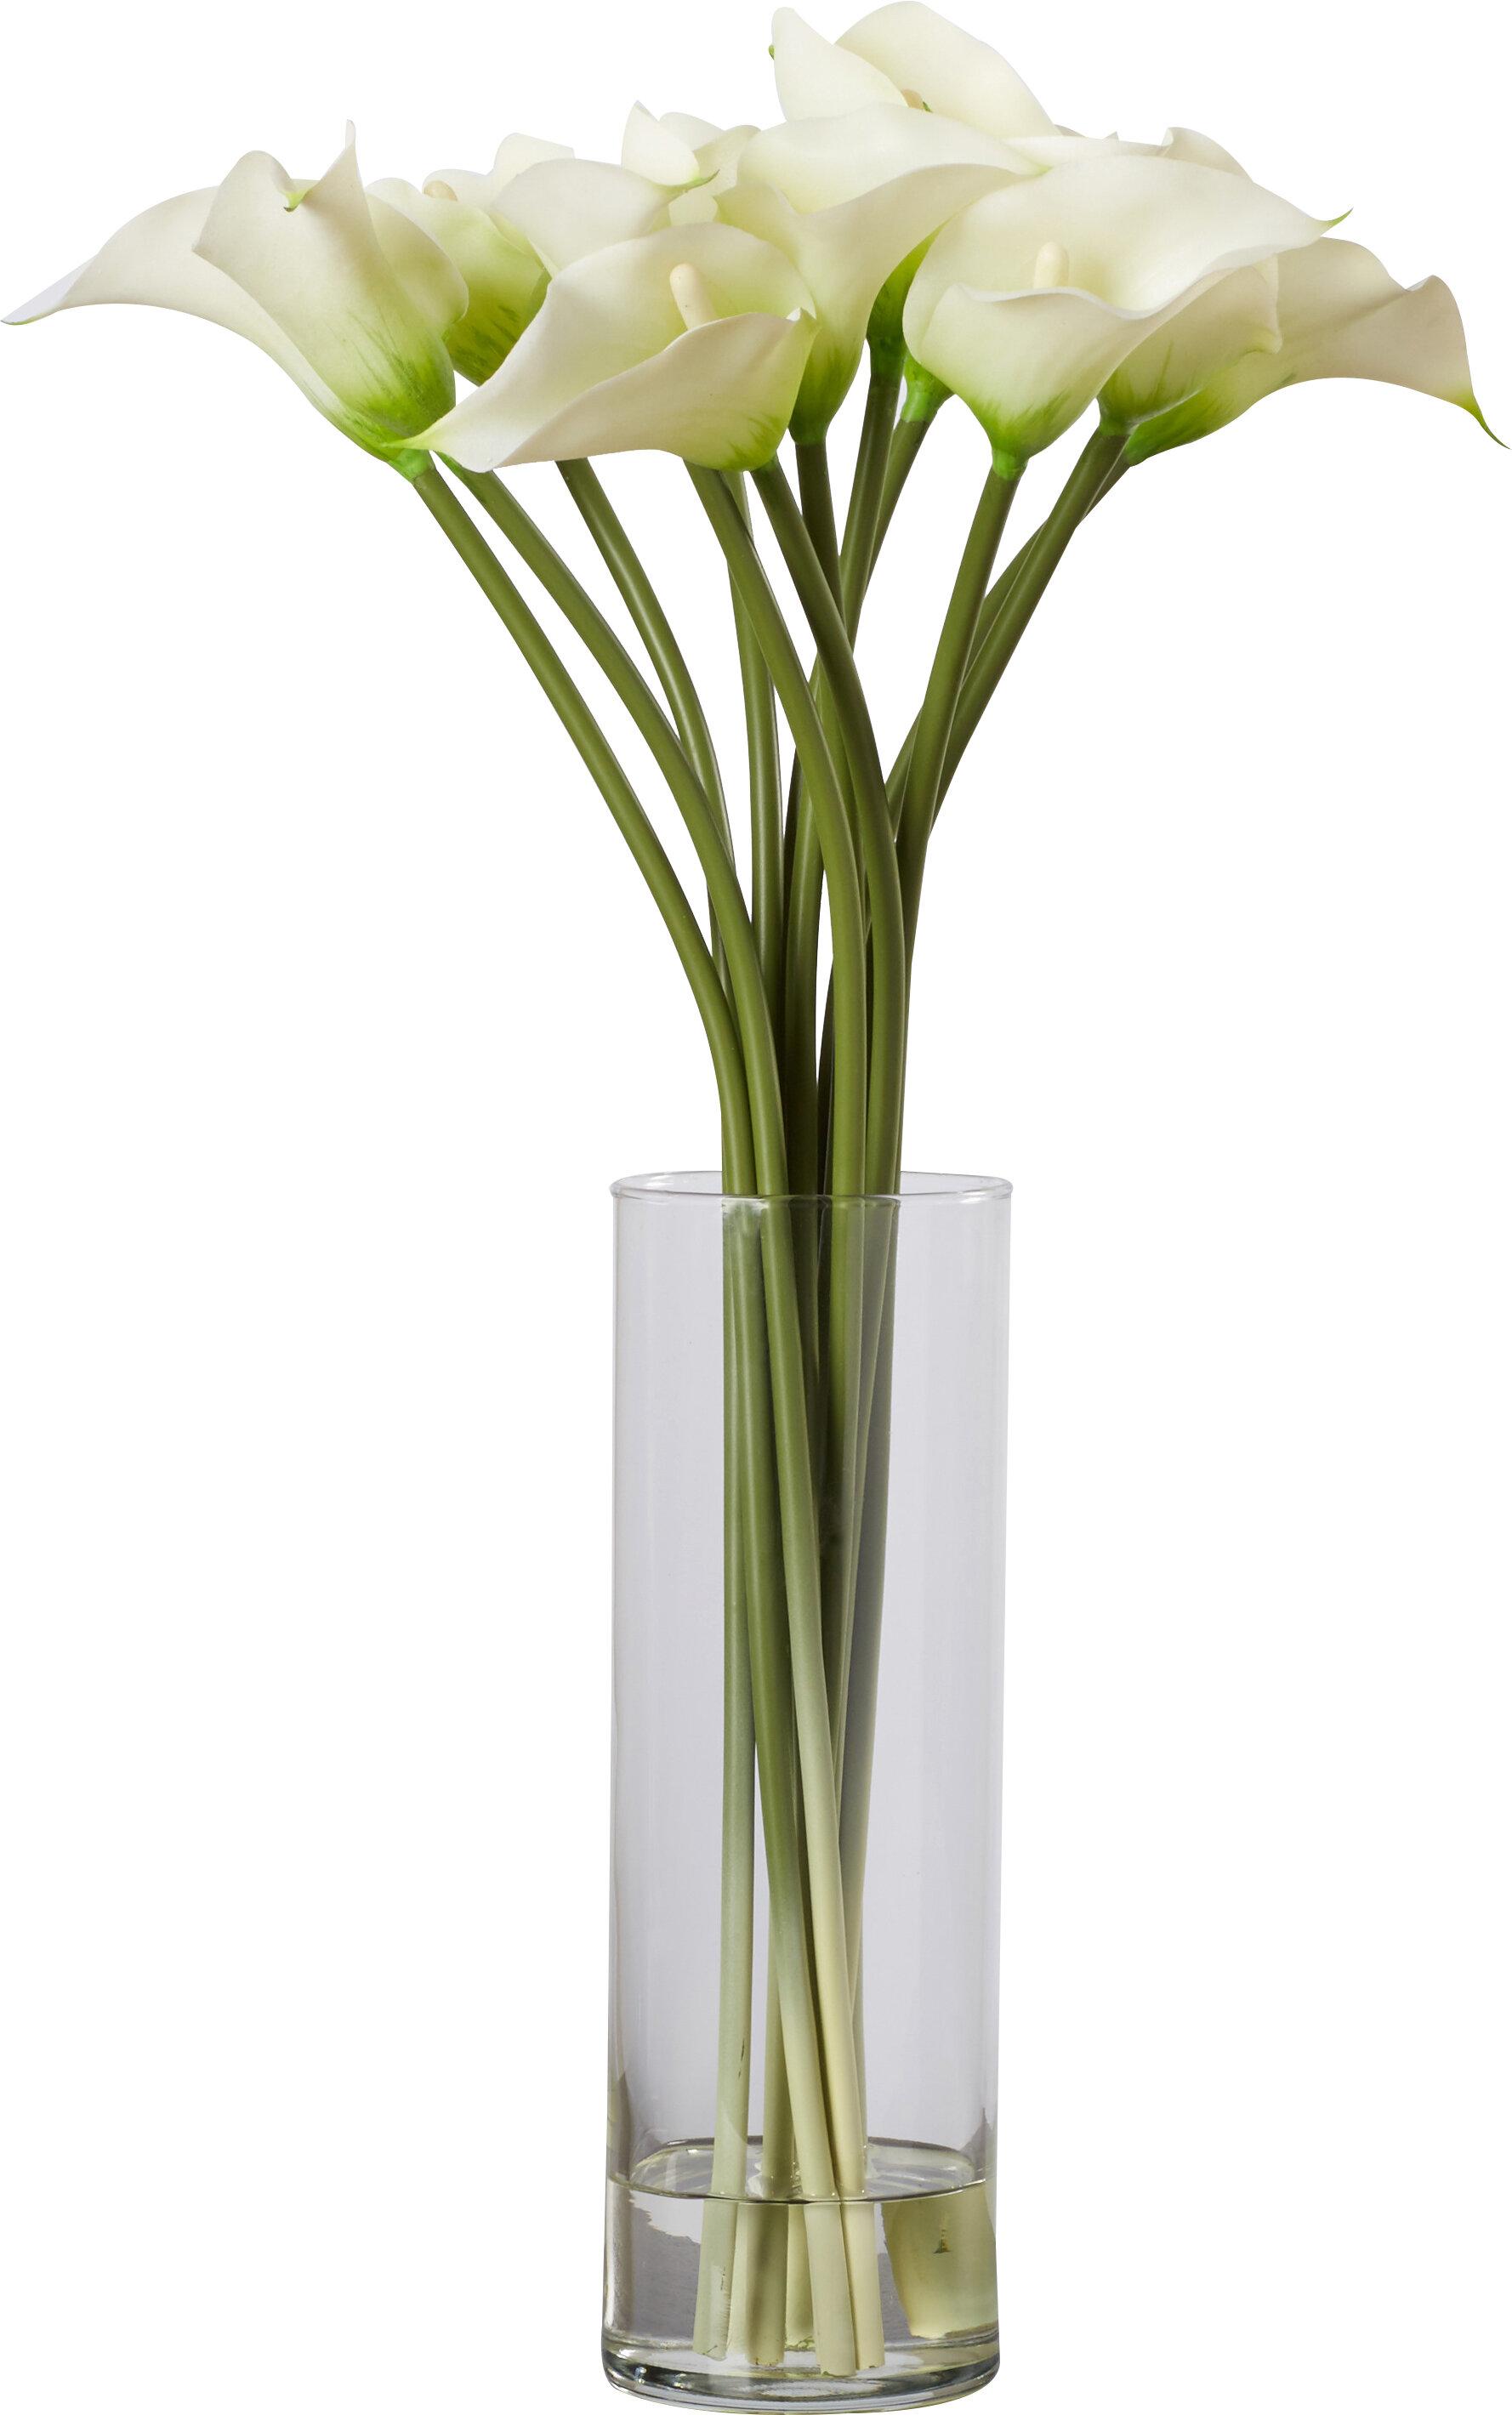 284 & Calla Lily Flower Arrangement in Flower Vase